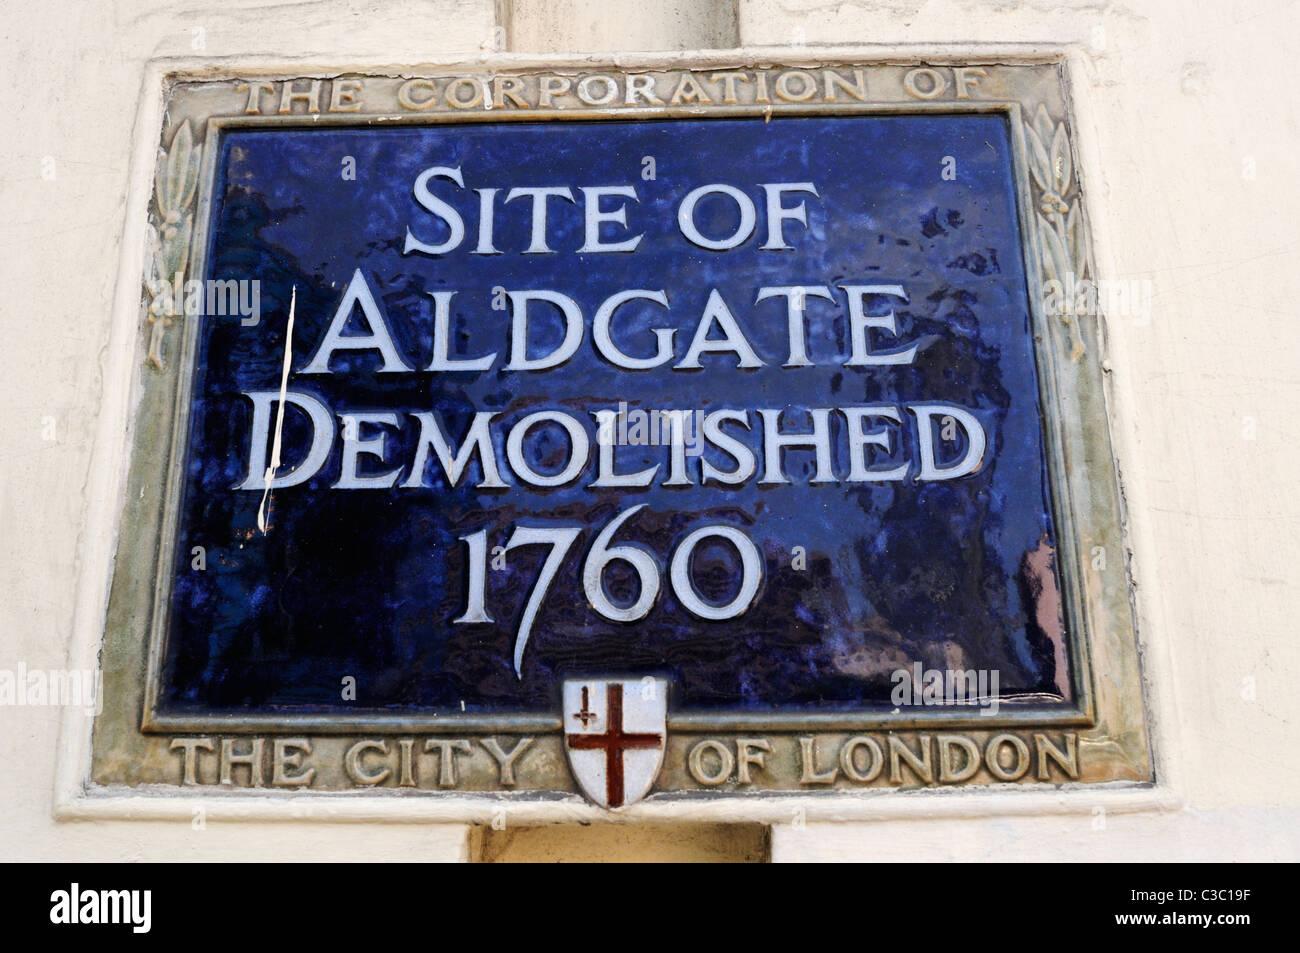 Site of Aldgate Demolished 1760 Plaque, Aldgate, London, England, UK - Stock Image